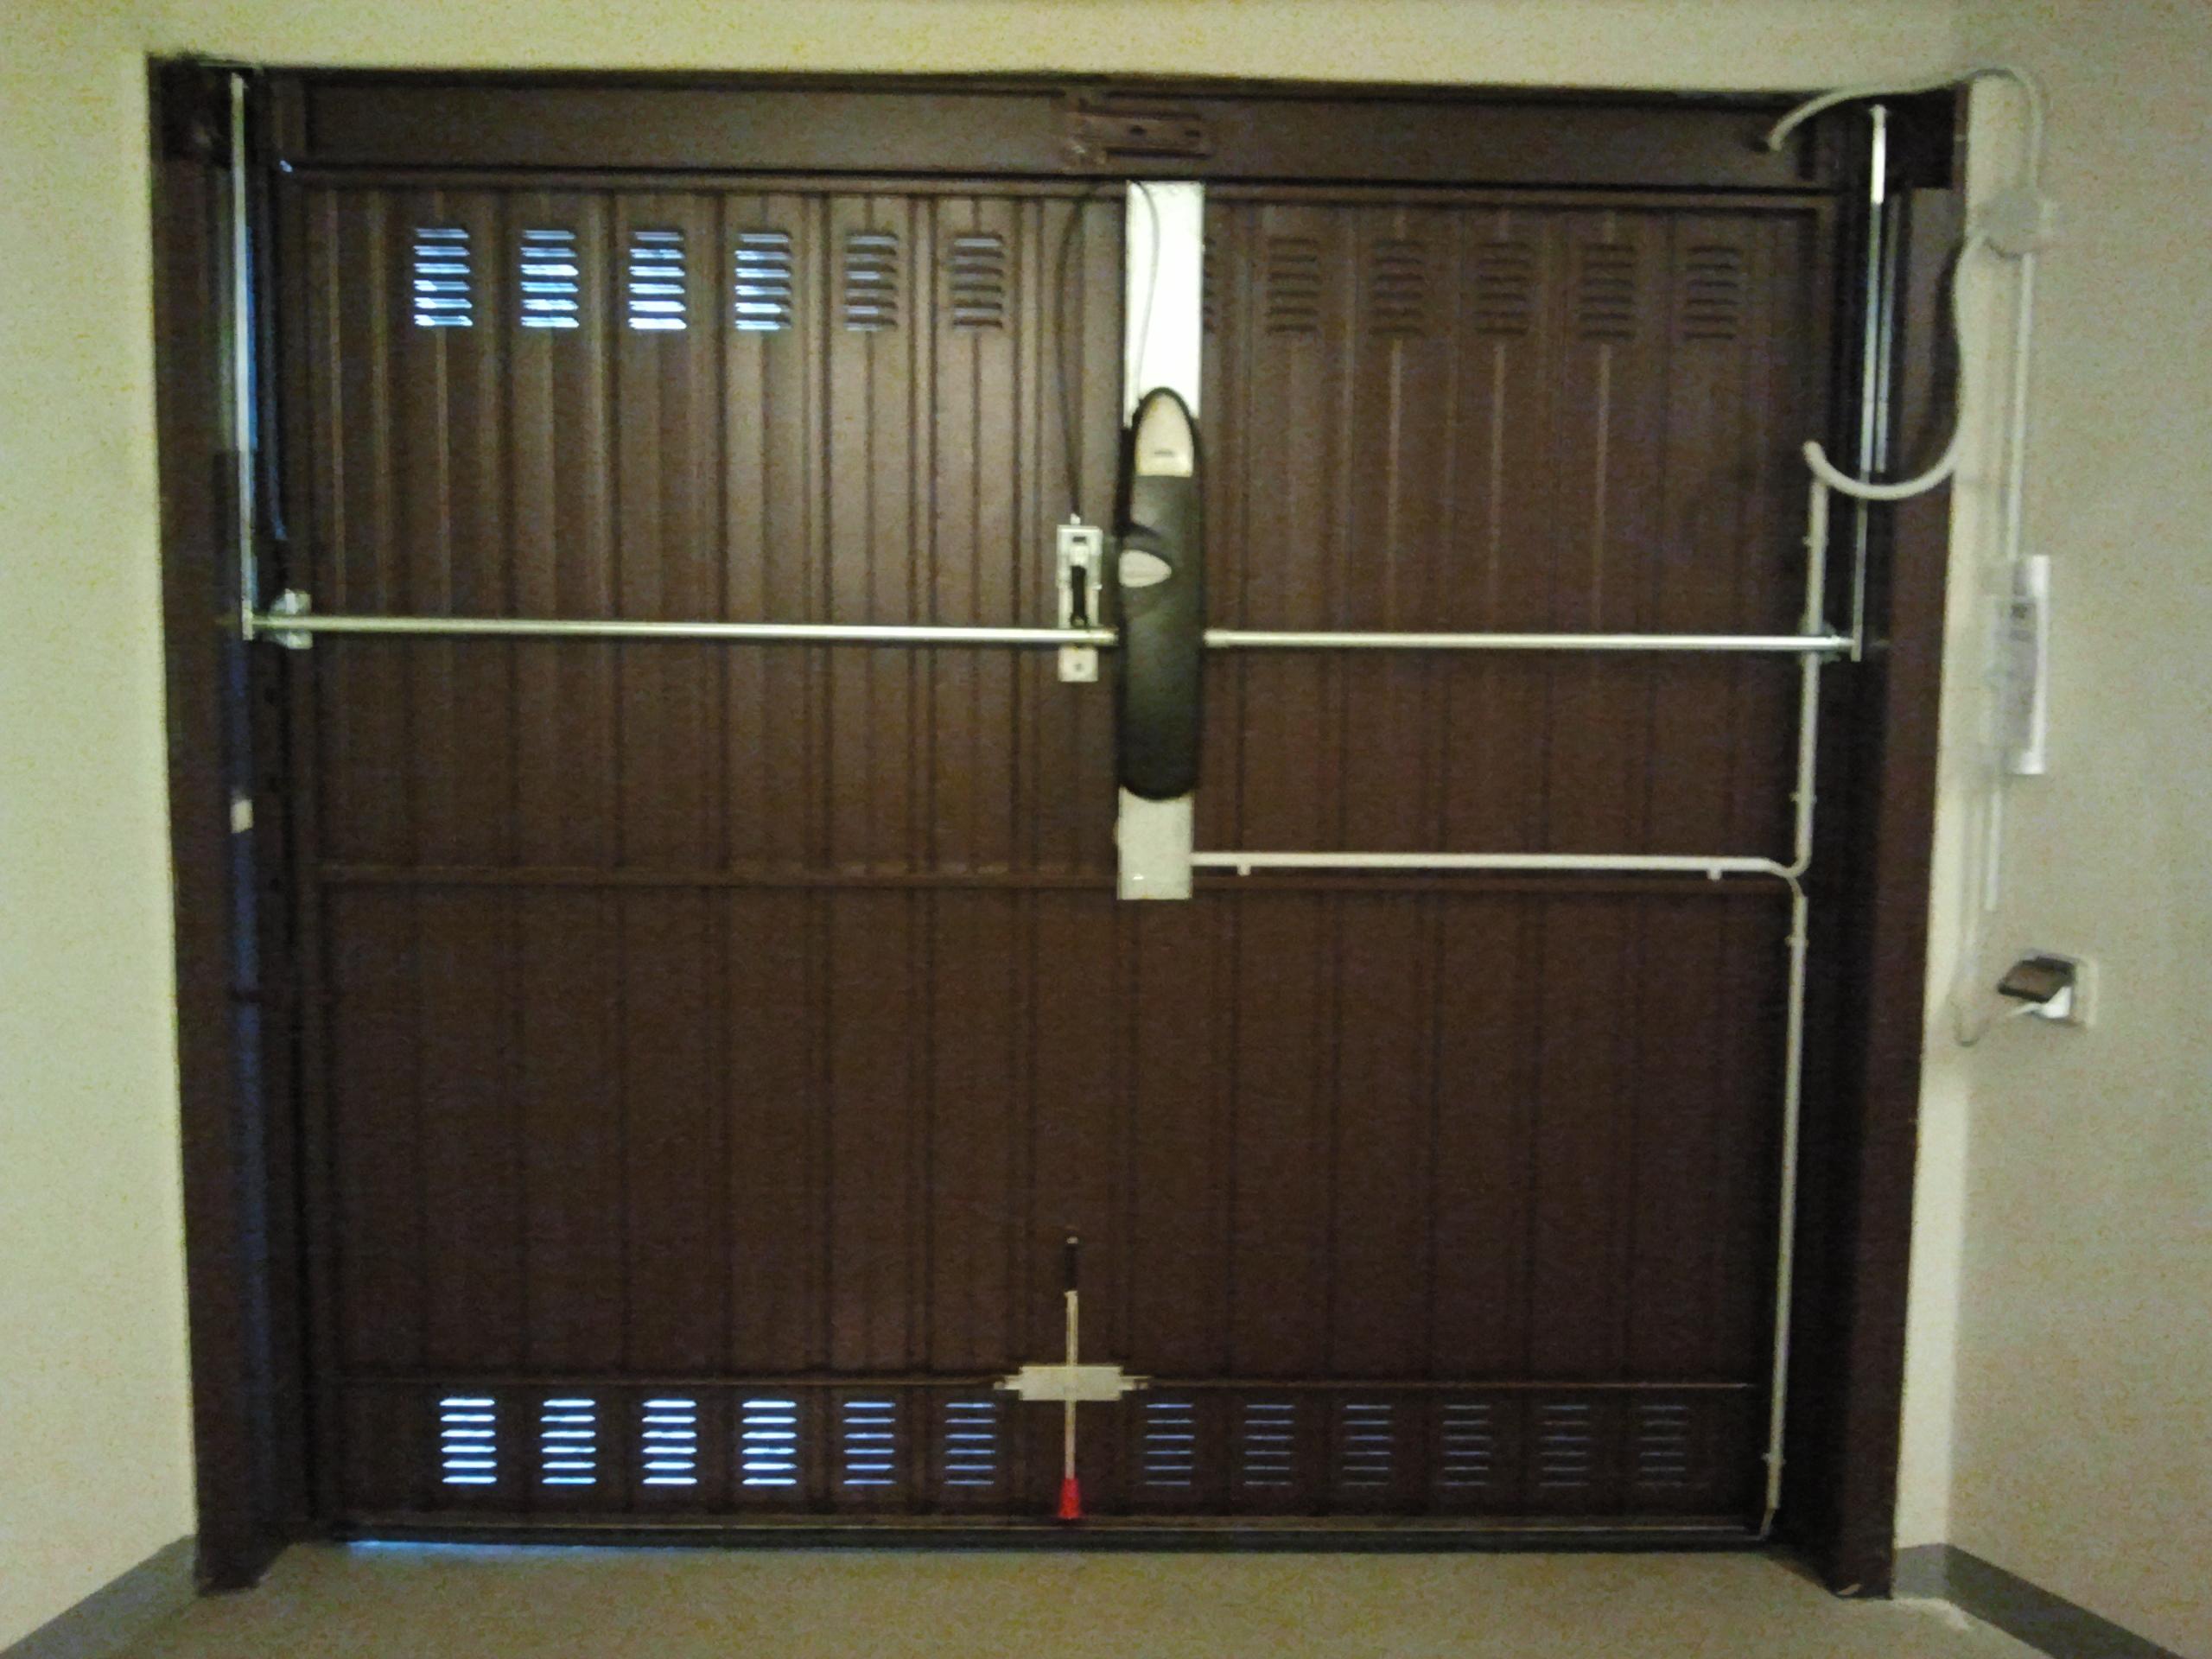 Portoni sezionali e porte basculanti per garage sezionali - Serratura porta basculante garage ...